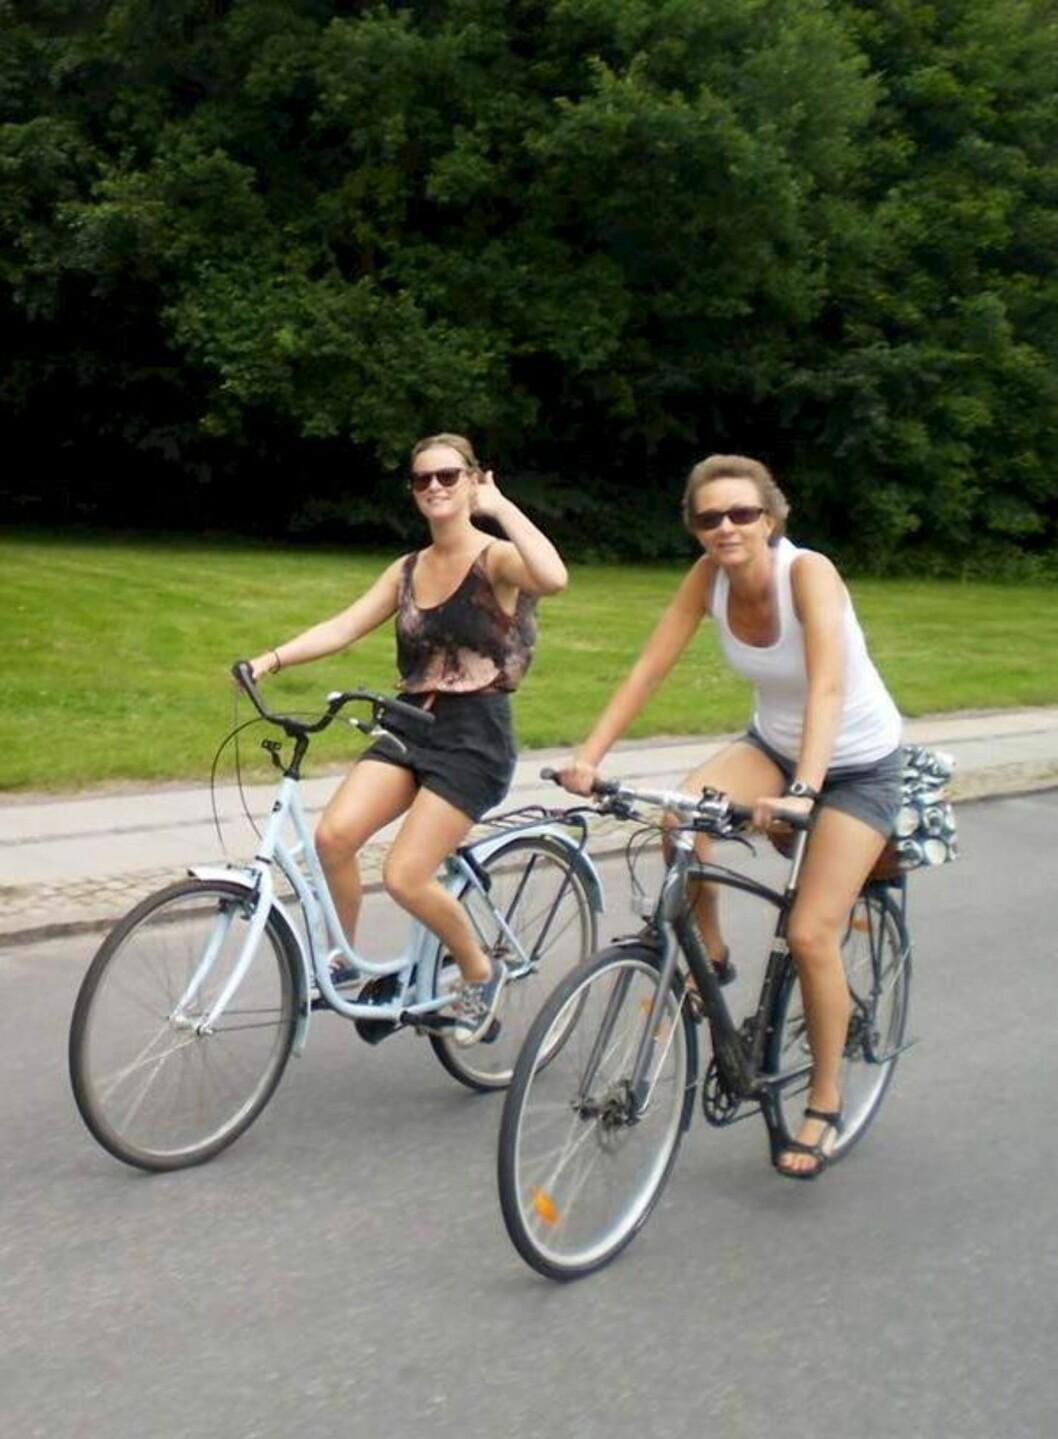 PÅ SYKKELTUR: – Bildet av oss som sykler synes jeg er superfint. Vi har alltid vært en veldig aktiv familie, sier Stine. Foto: All Over Press